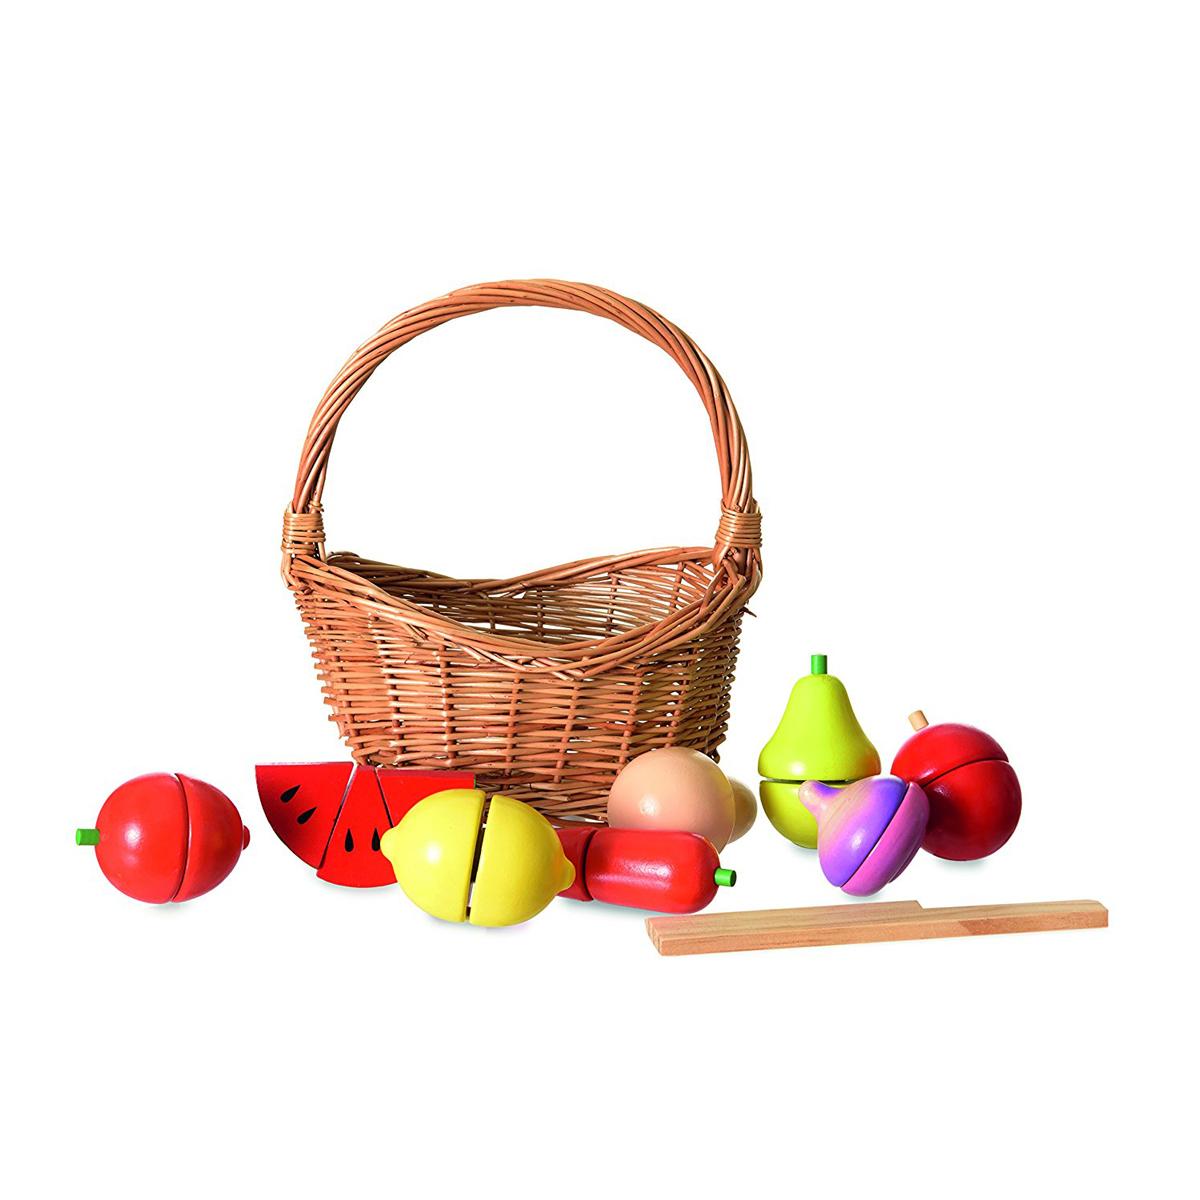 Mes premiers jouets Set de Fruits et Légumes en Bois dans son Panier Set de Fruits et Légumes en Bois dans son Panier